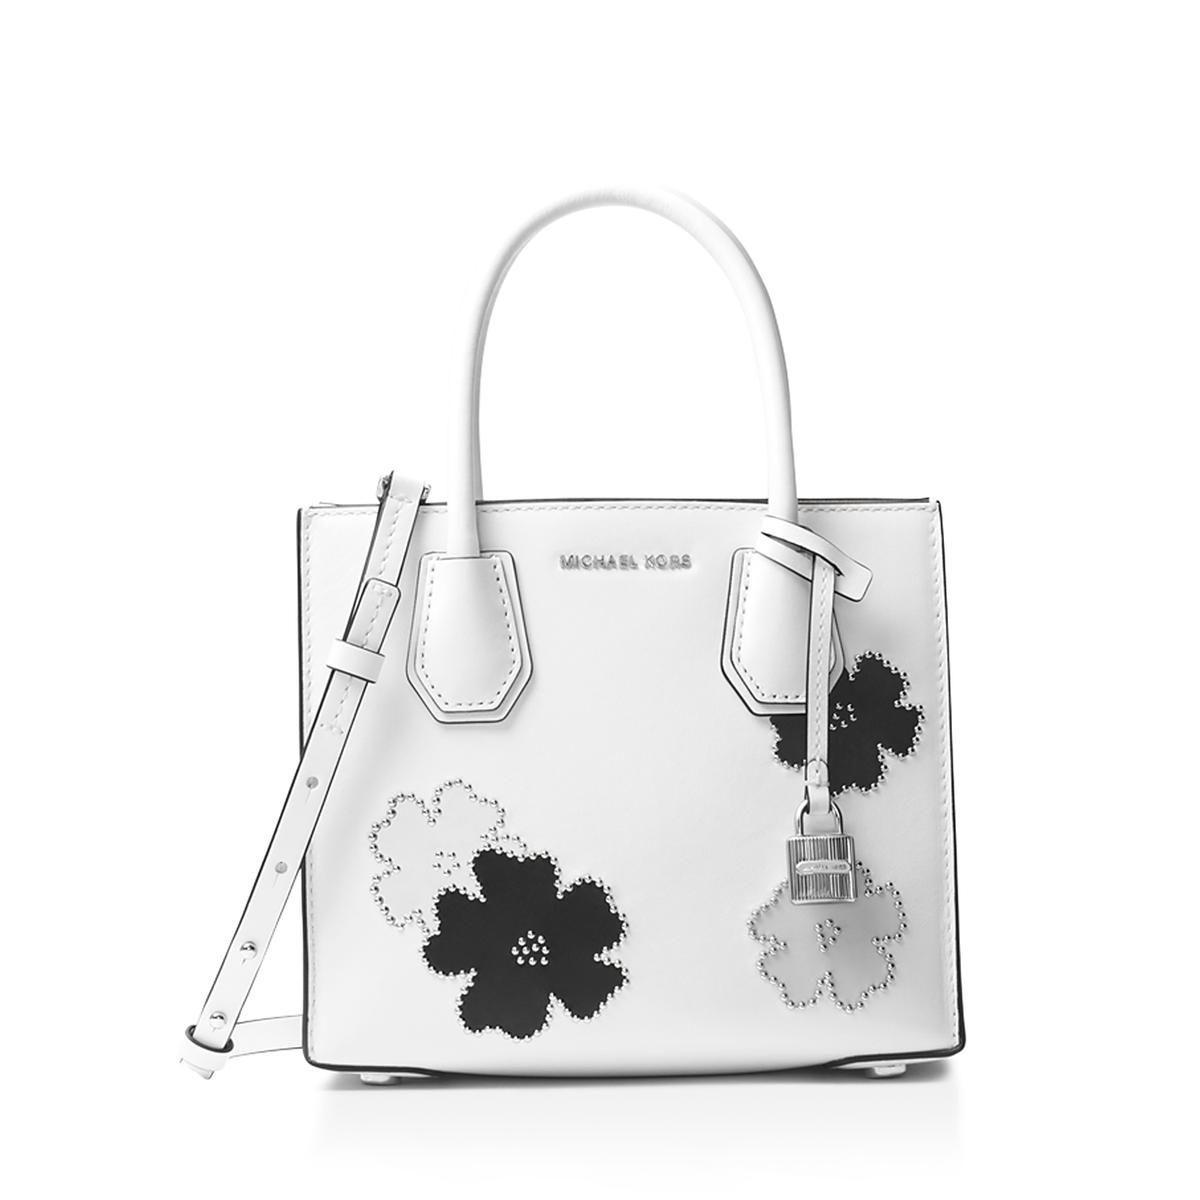 c7e002f82588e4 Michael Kors - White Womens Mercer Leather Convertible Messenger Handbag -  Lyst. View fullscreen